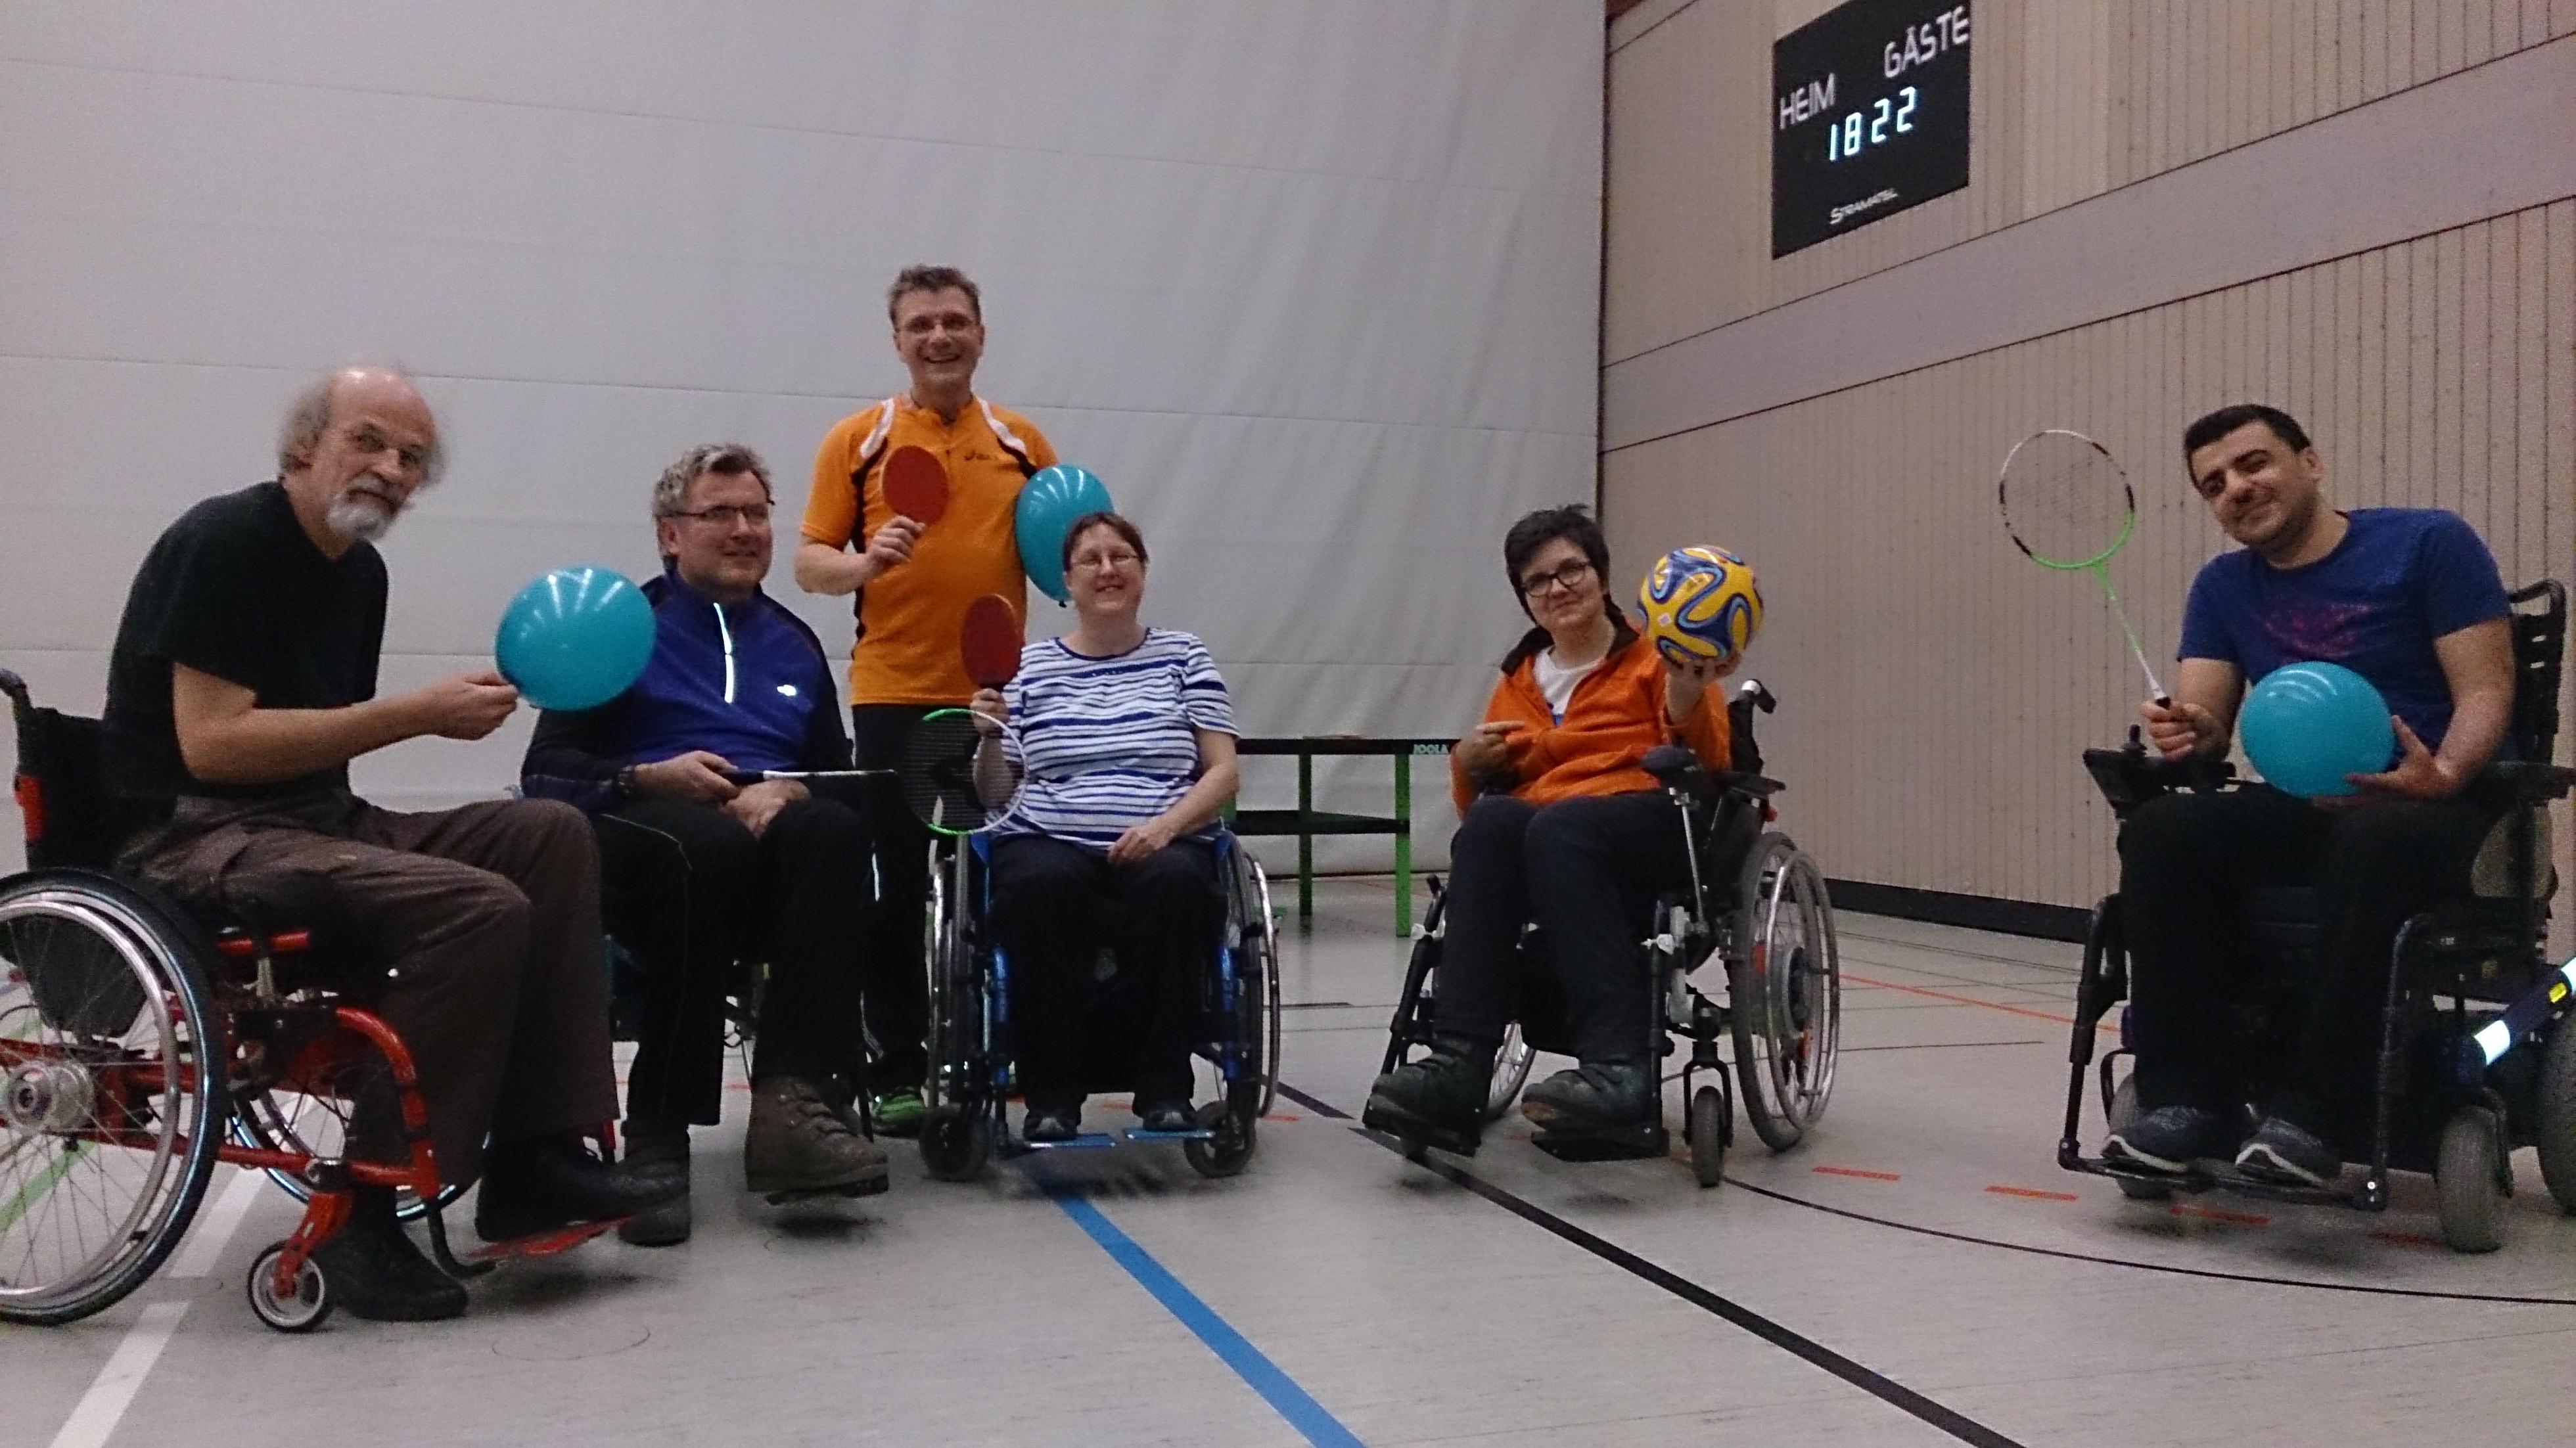 2016-Rollstuhlsportgruppe